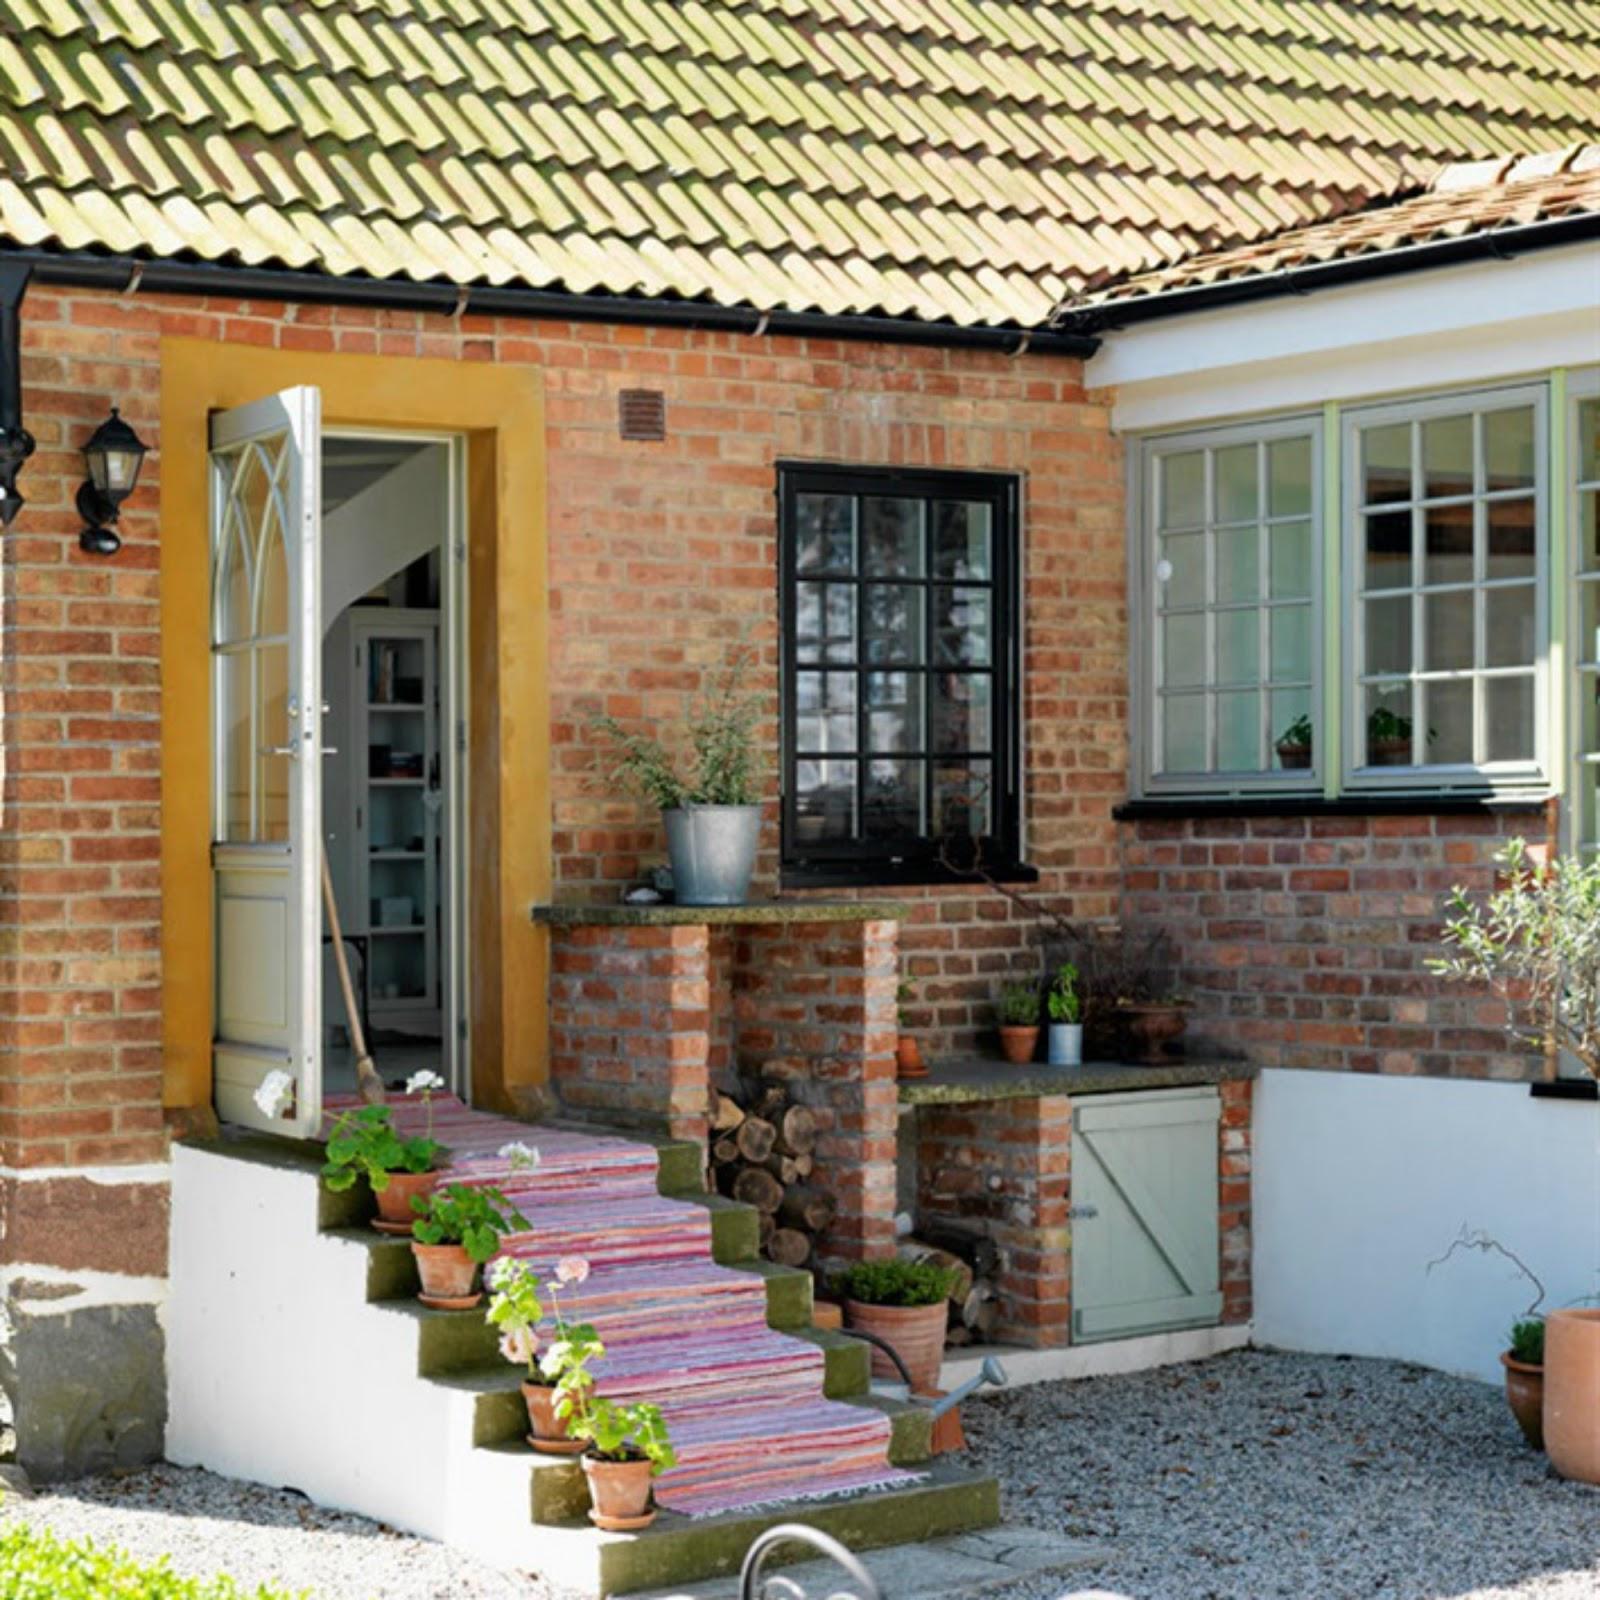 Decoraci n f cil una casa de campo r stica y minimalista for Casa minimalista rustica